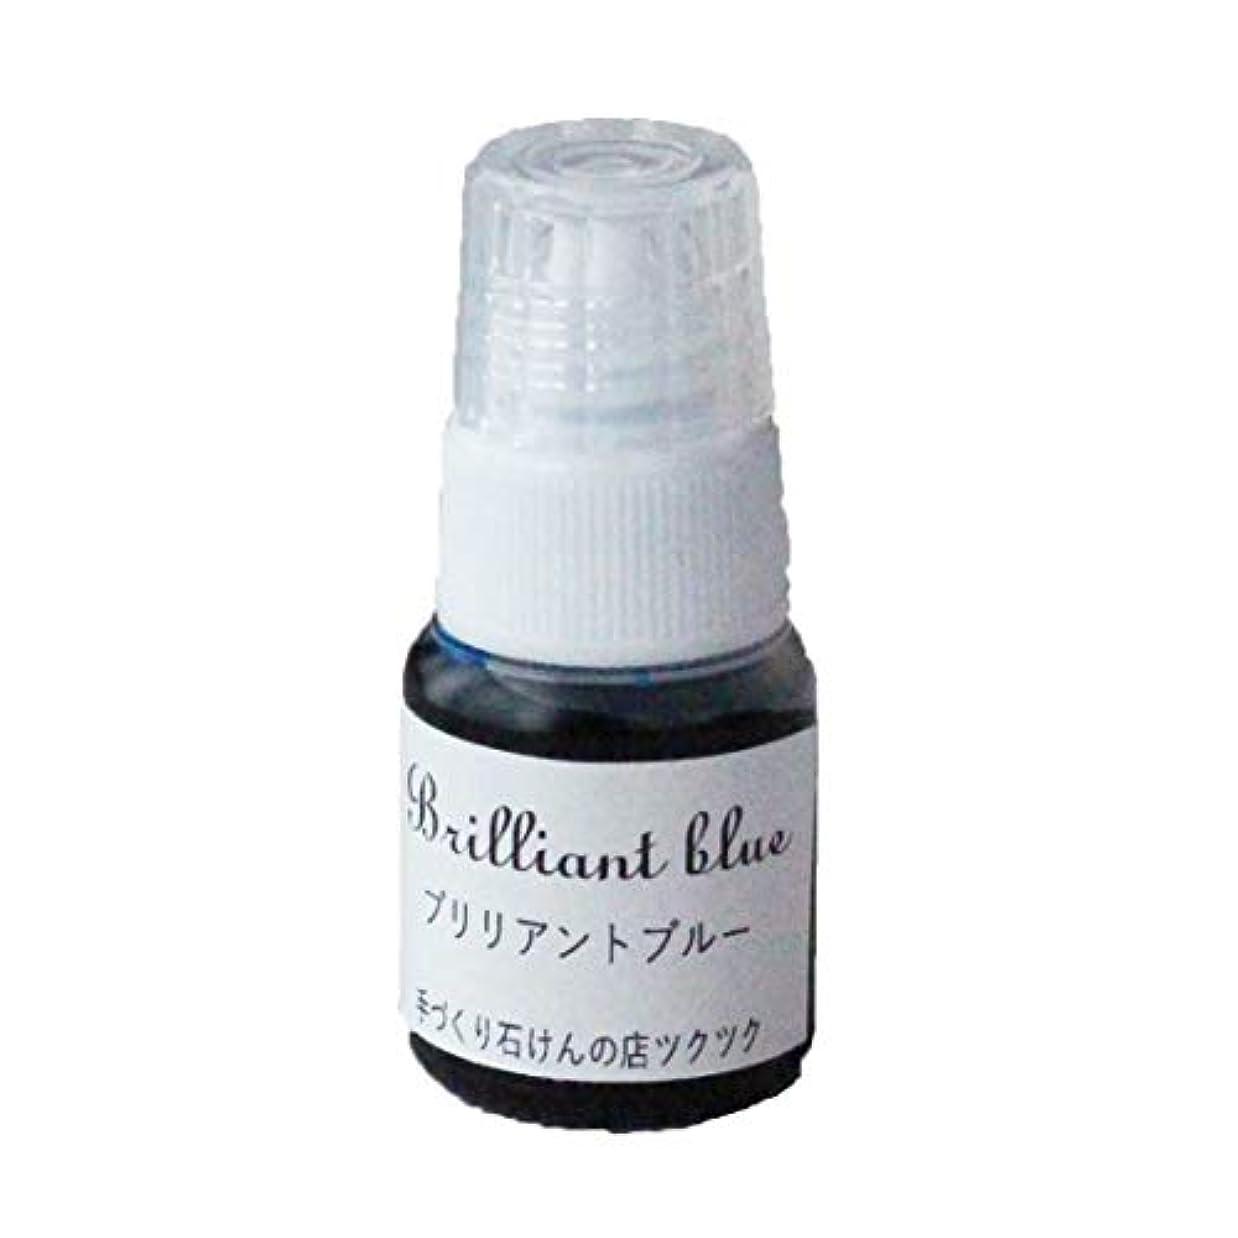 コンテンポラリーシングル枯渇するリキッドカラー ブリリアントブルー/手作り石けん材料/MPソープ?グリセリンソープ?透明石鹸?液体石鹸用